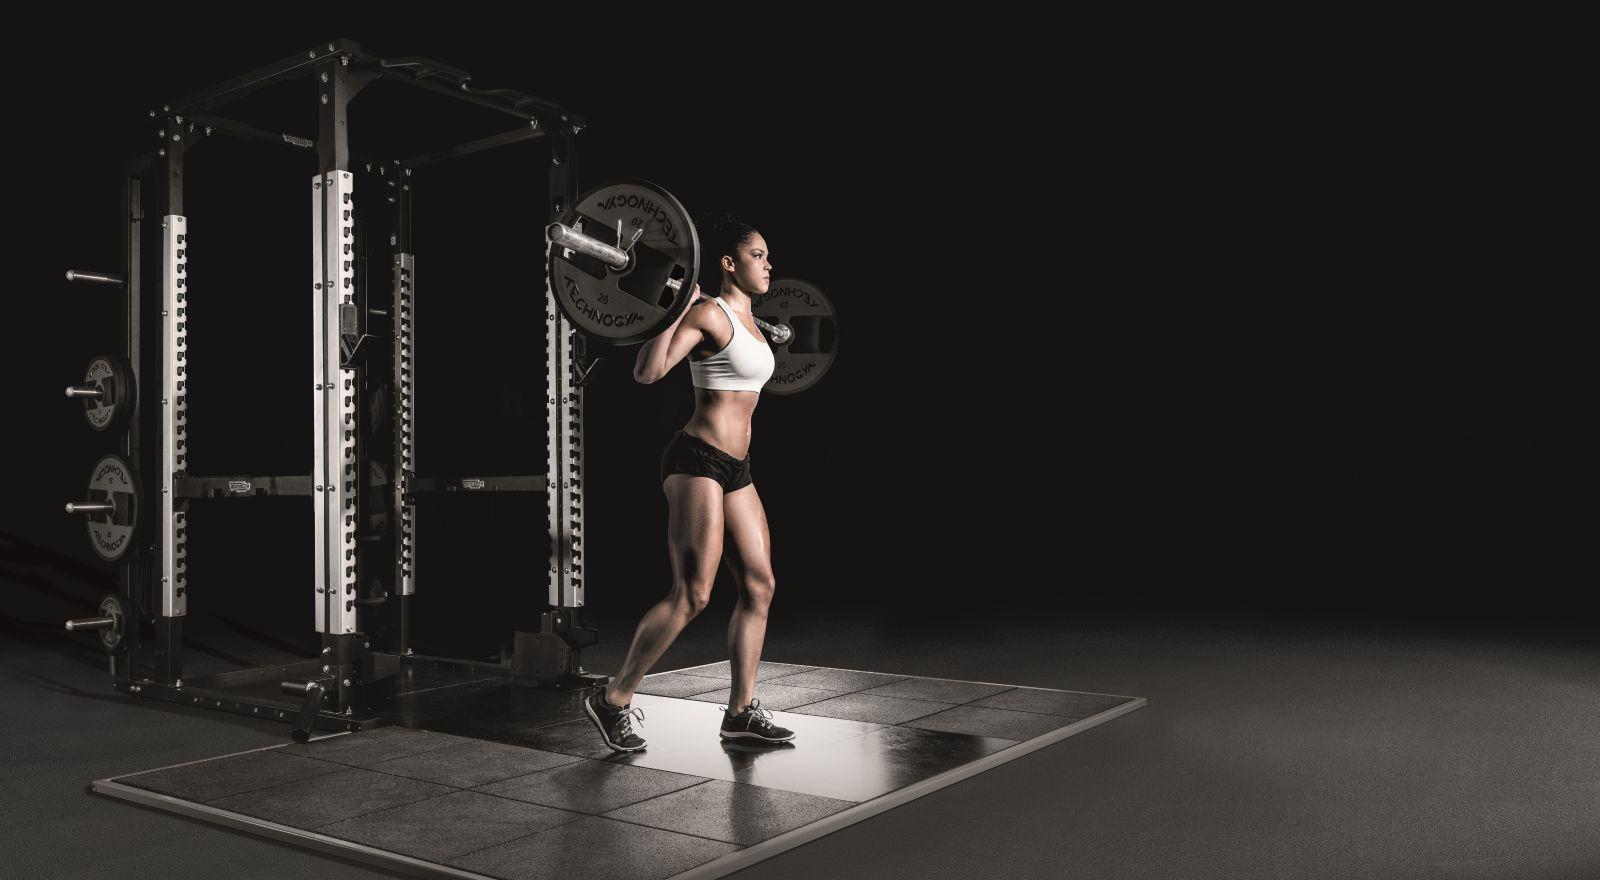 Тренажеры для дома. Силовые тренажеры - формирование мышечного рельефа и увеличения мышечной массы.